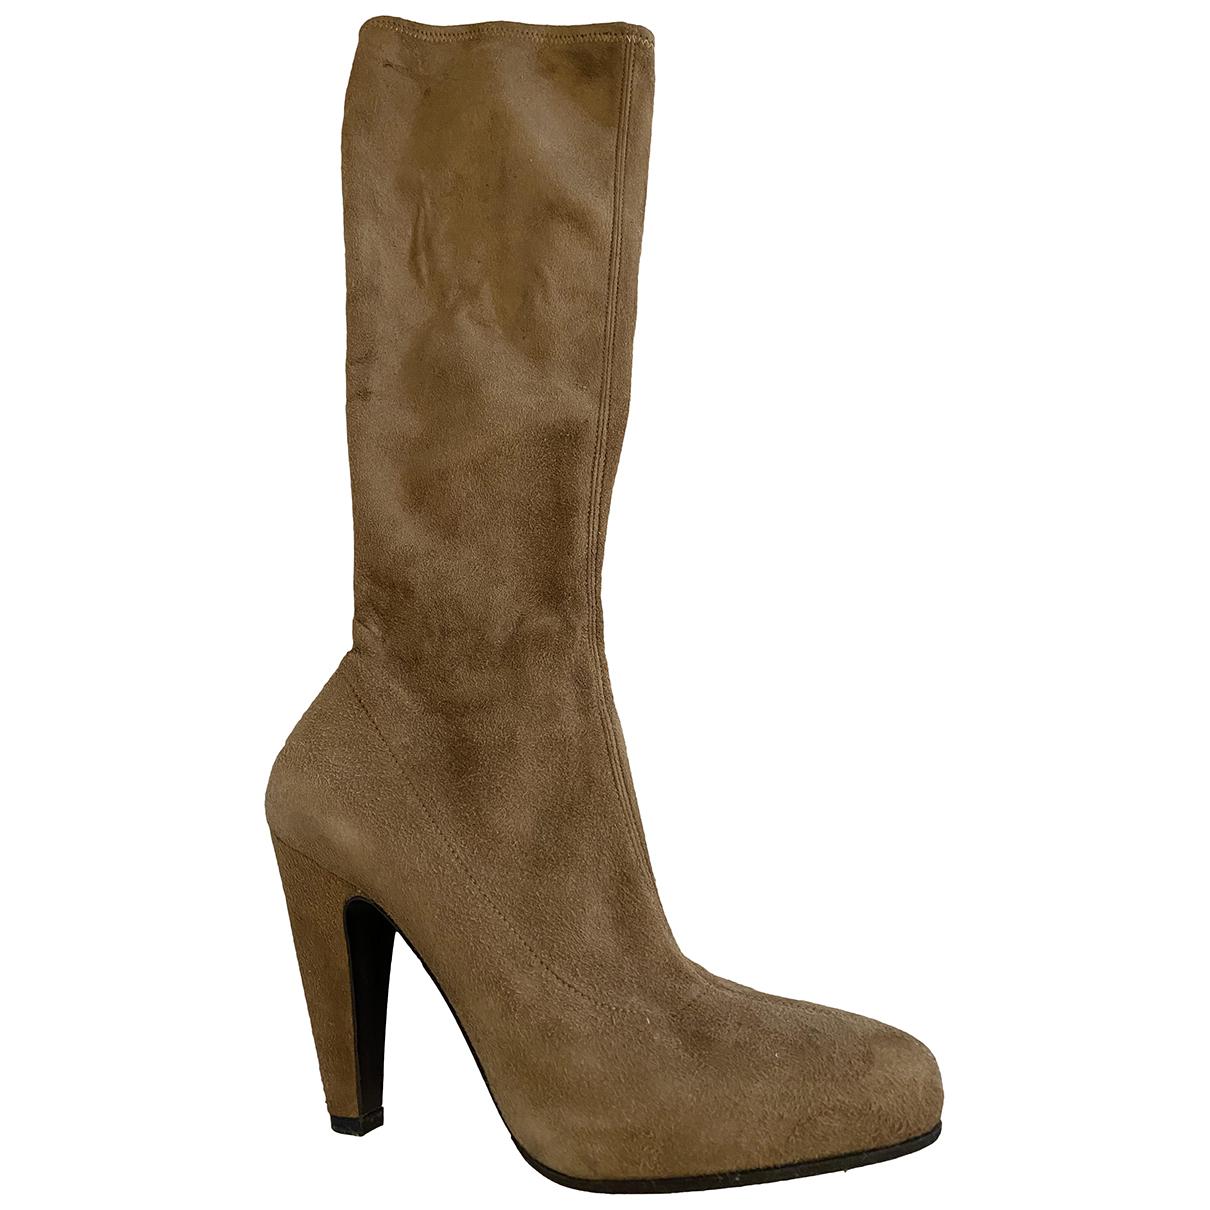 Prada N Brown Suede Boots for Women 36 EU